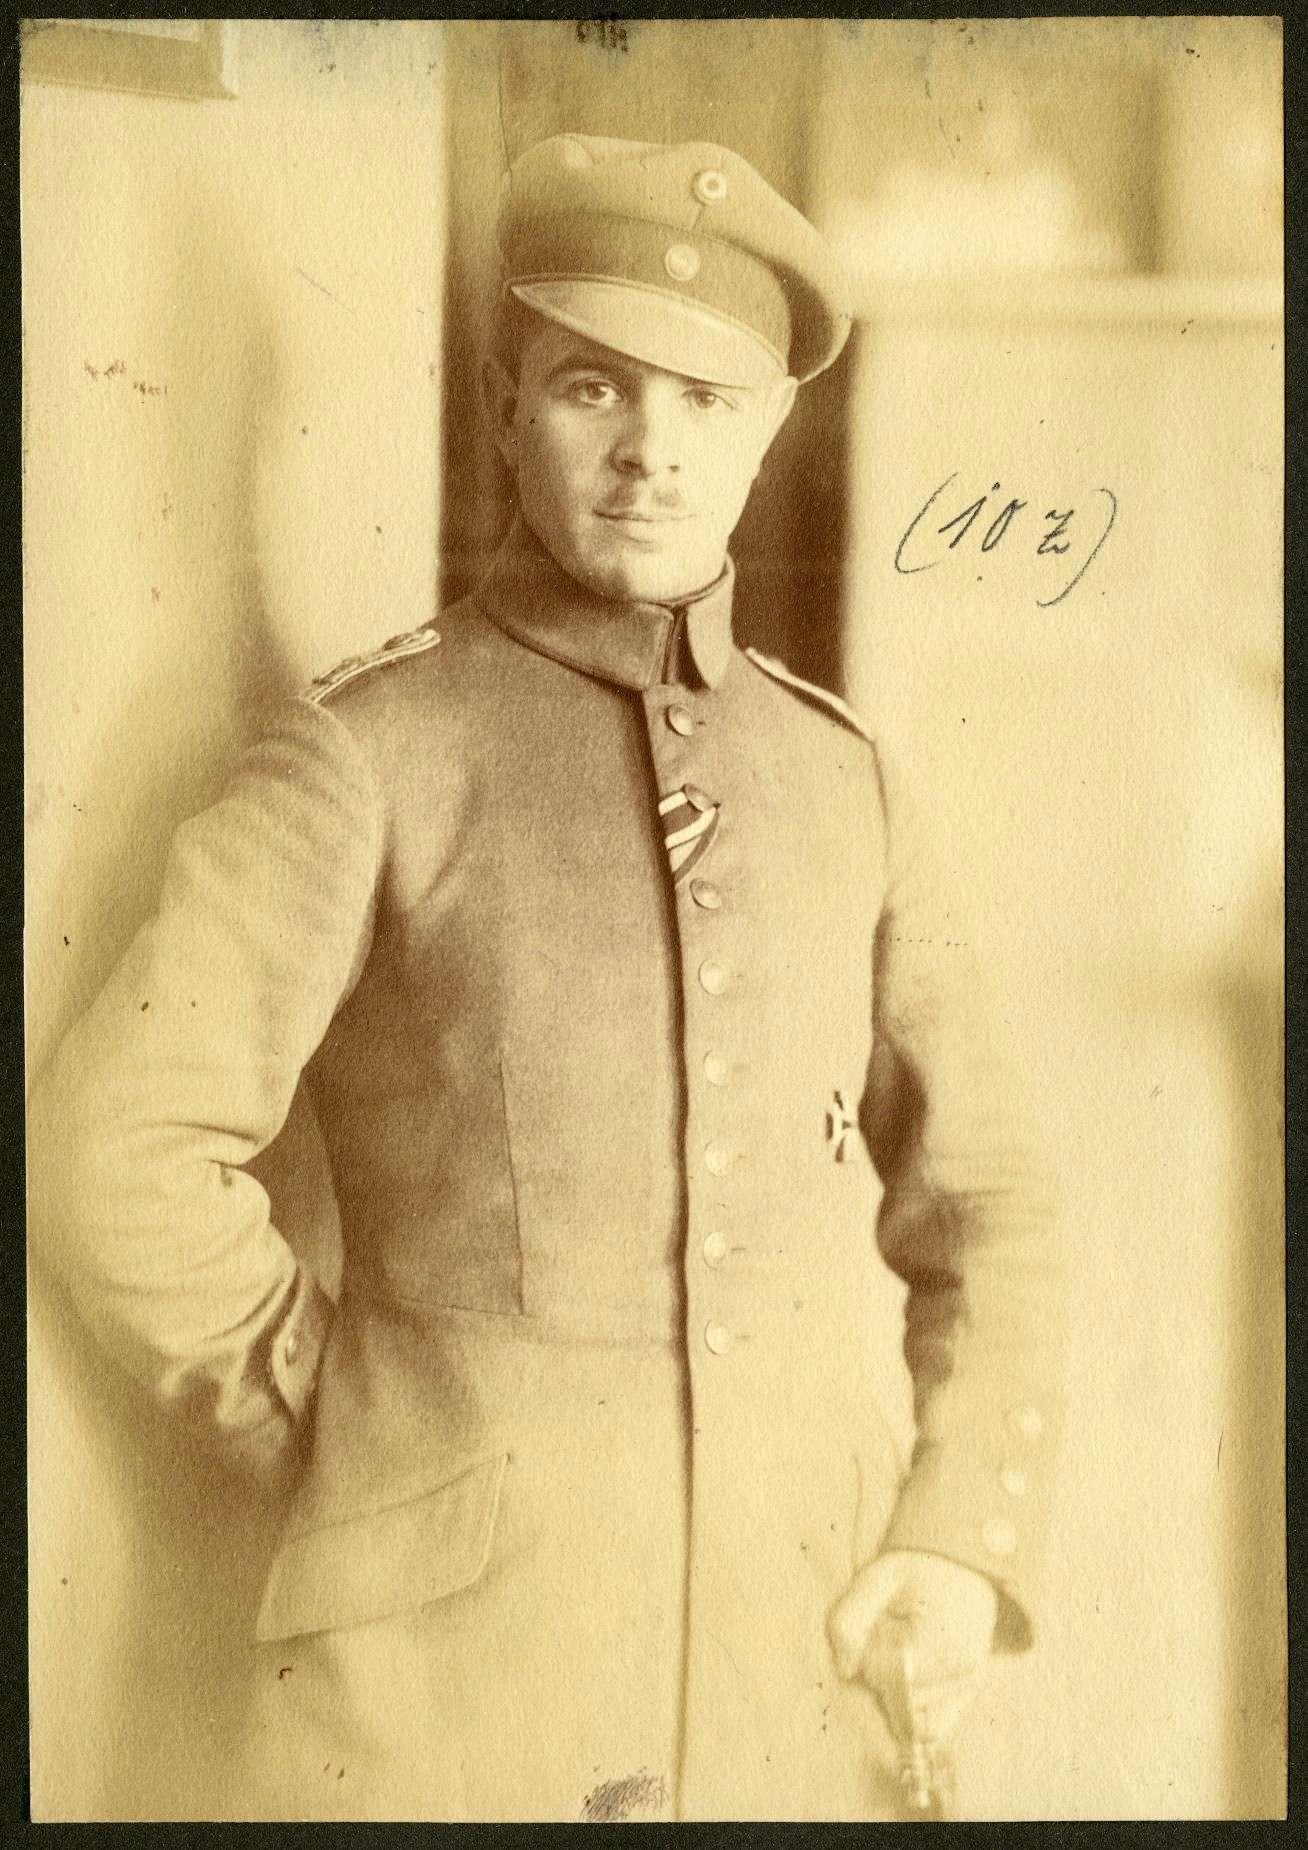 Schauwecker, Max, Bild 1